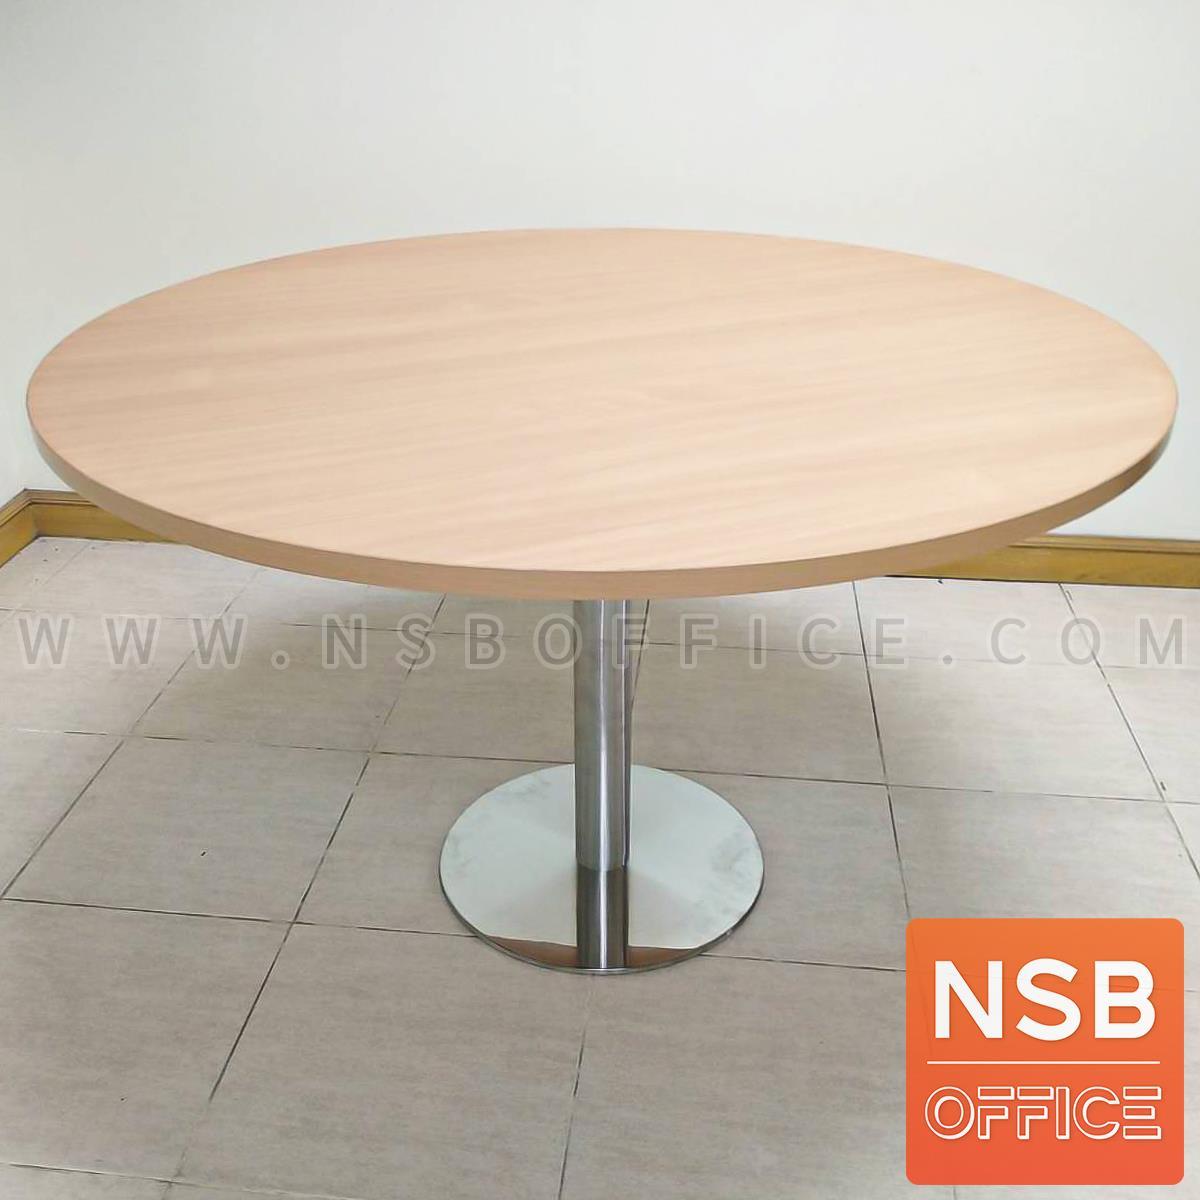 A05A006:โต๊ะประชุมทรงกลม รุ่น Ingle (อินเกิล) 4 ,5 ที่นั่ง 90Di, 120Di cm.  ฐานสเตนเลส